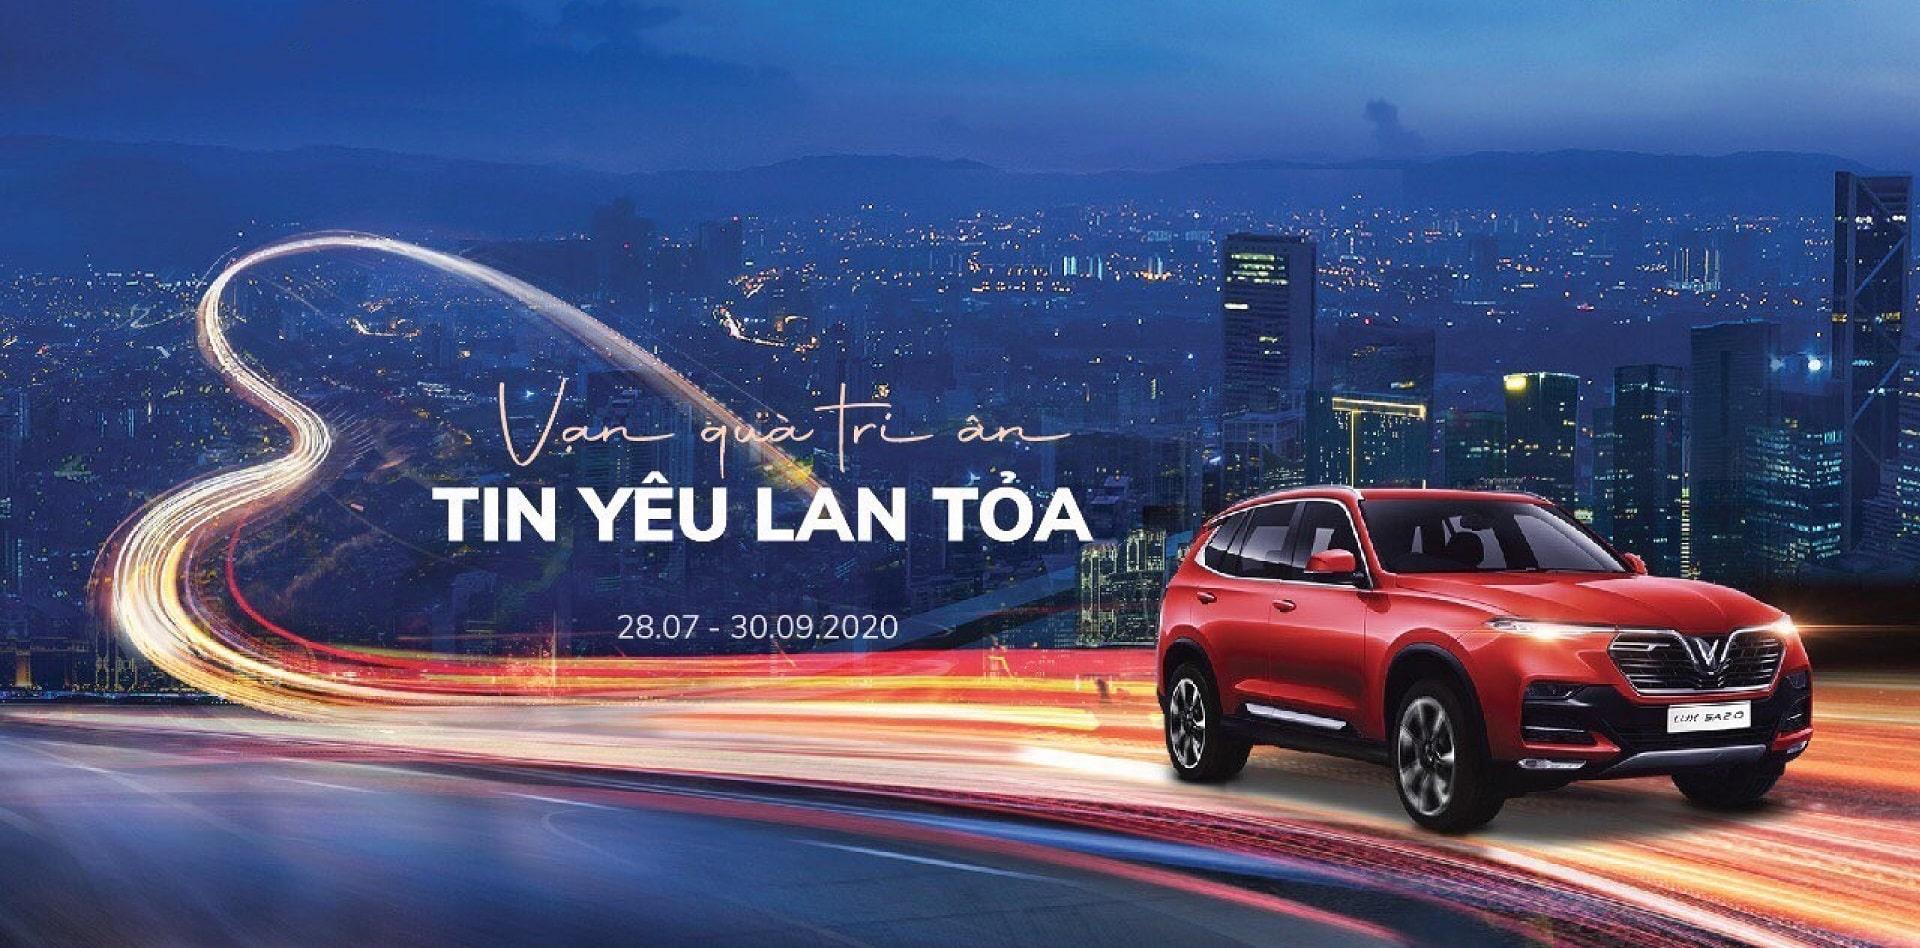 KV 1_Tin Yeu Lan Toa-01-min